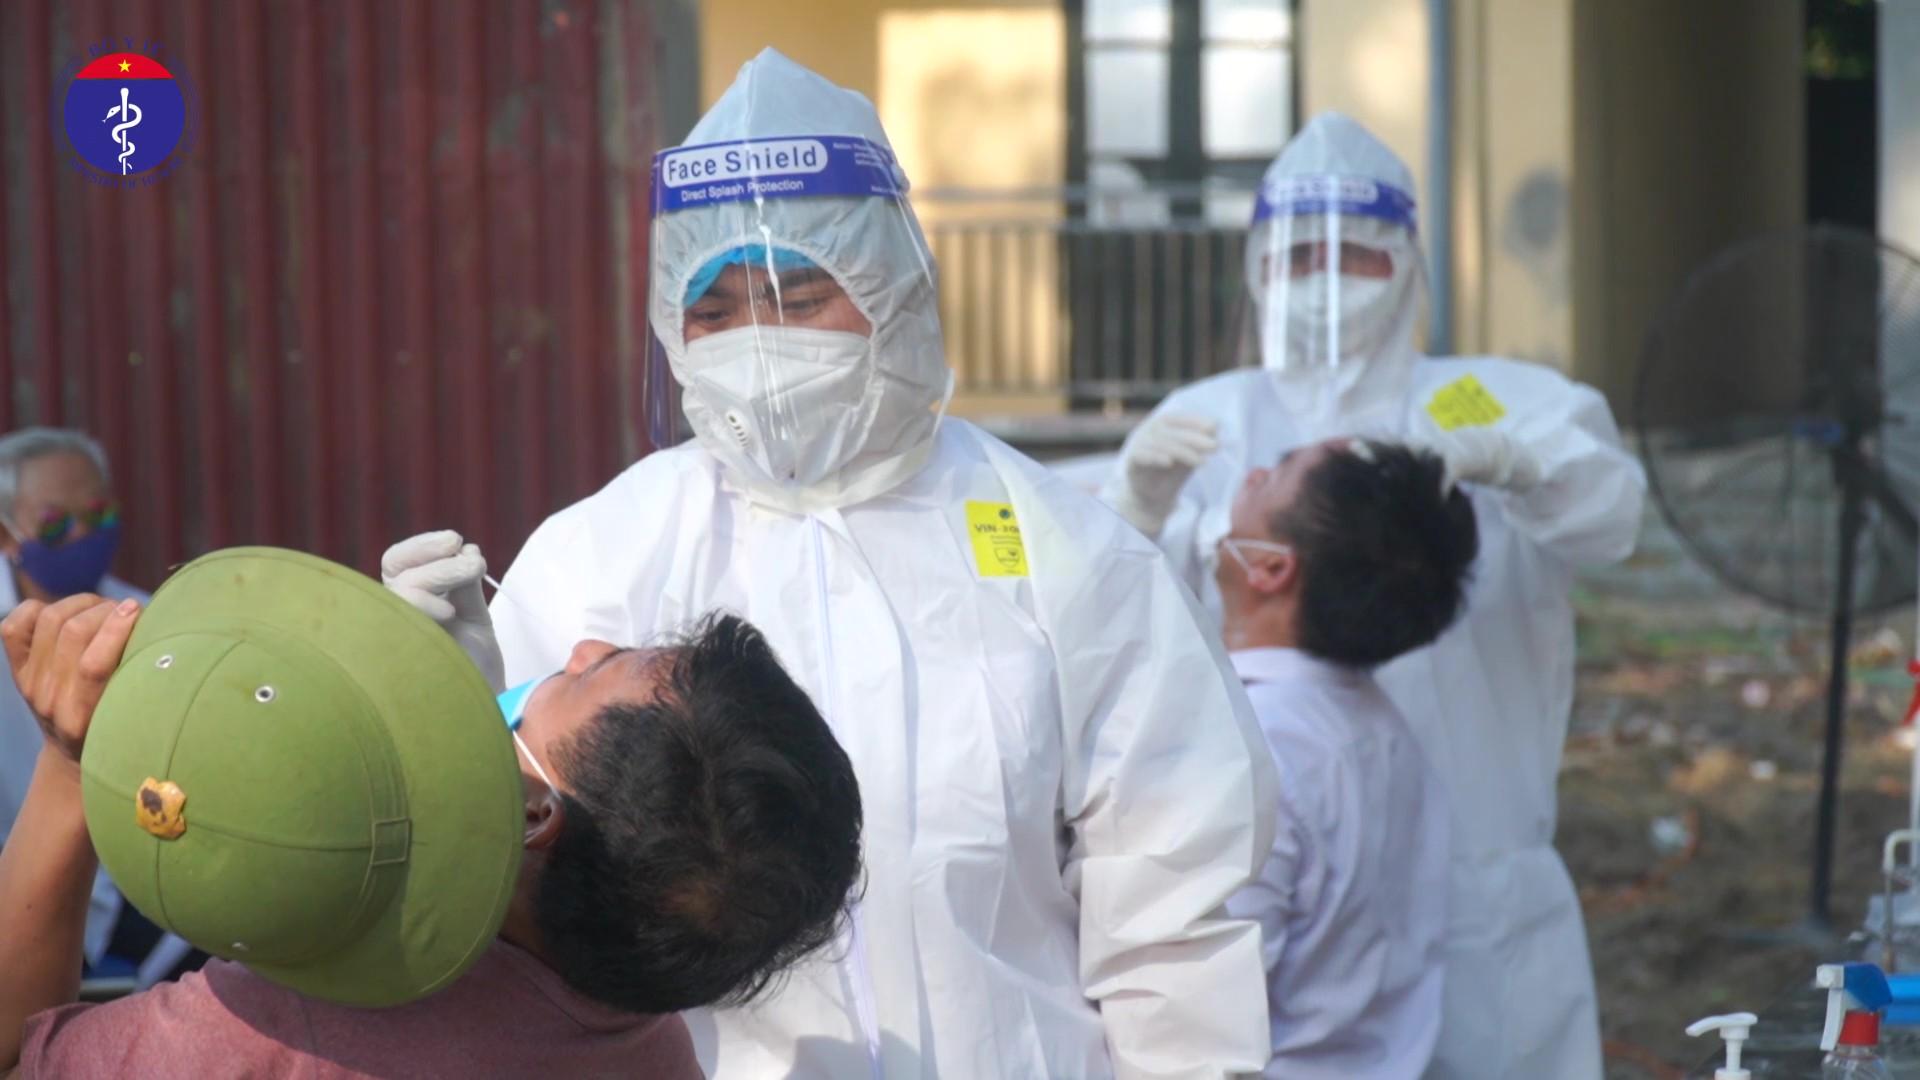 Clip: Cận cảnh nhân viên y tế lấy mẫu xét nghiệm Covid-19 giữa trời nóng 40 độ C ở Bắc Ninh - Ảnh 3.